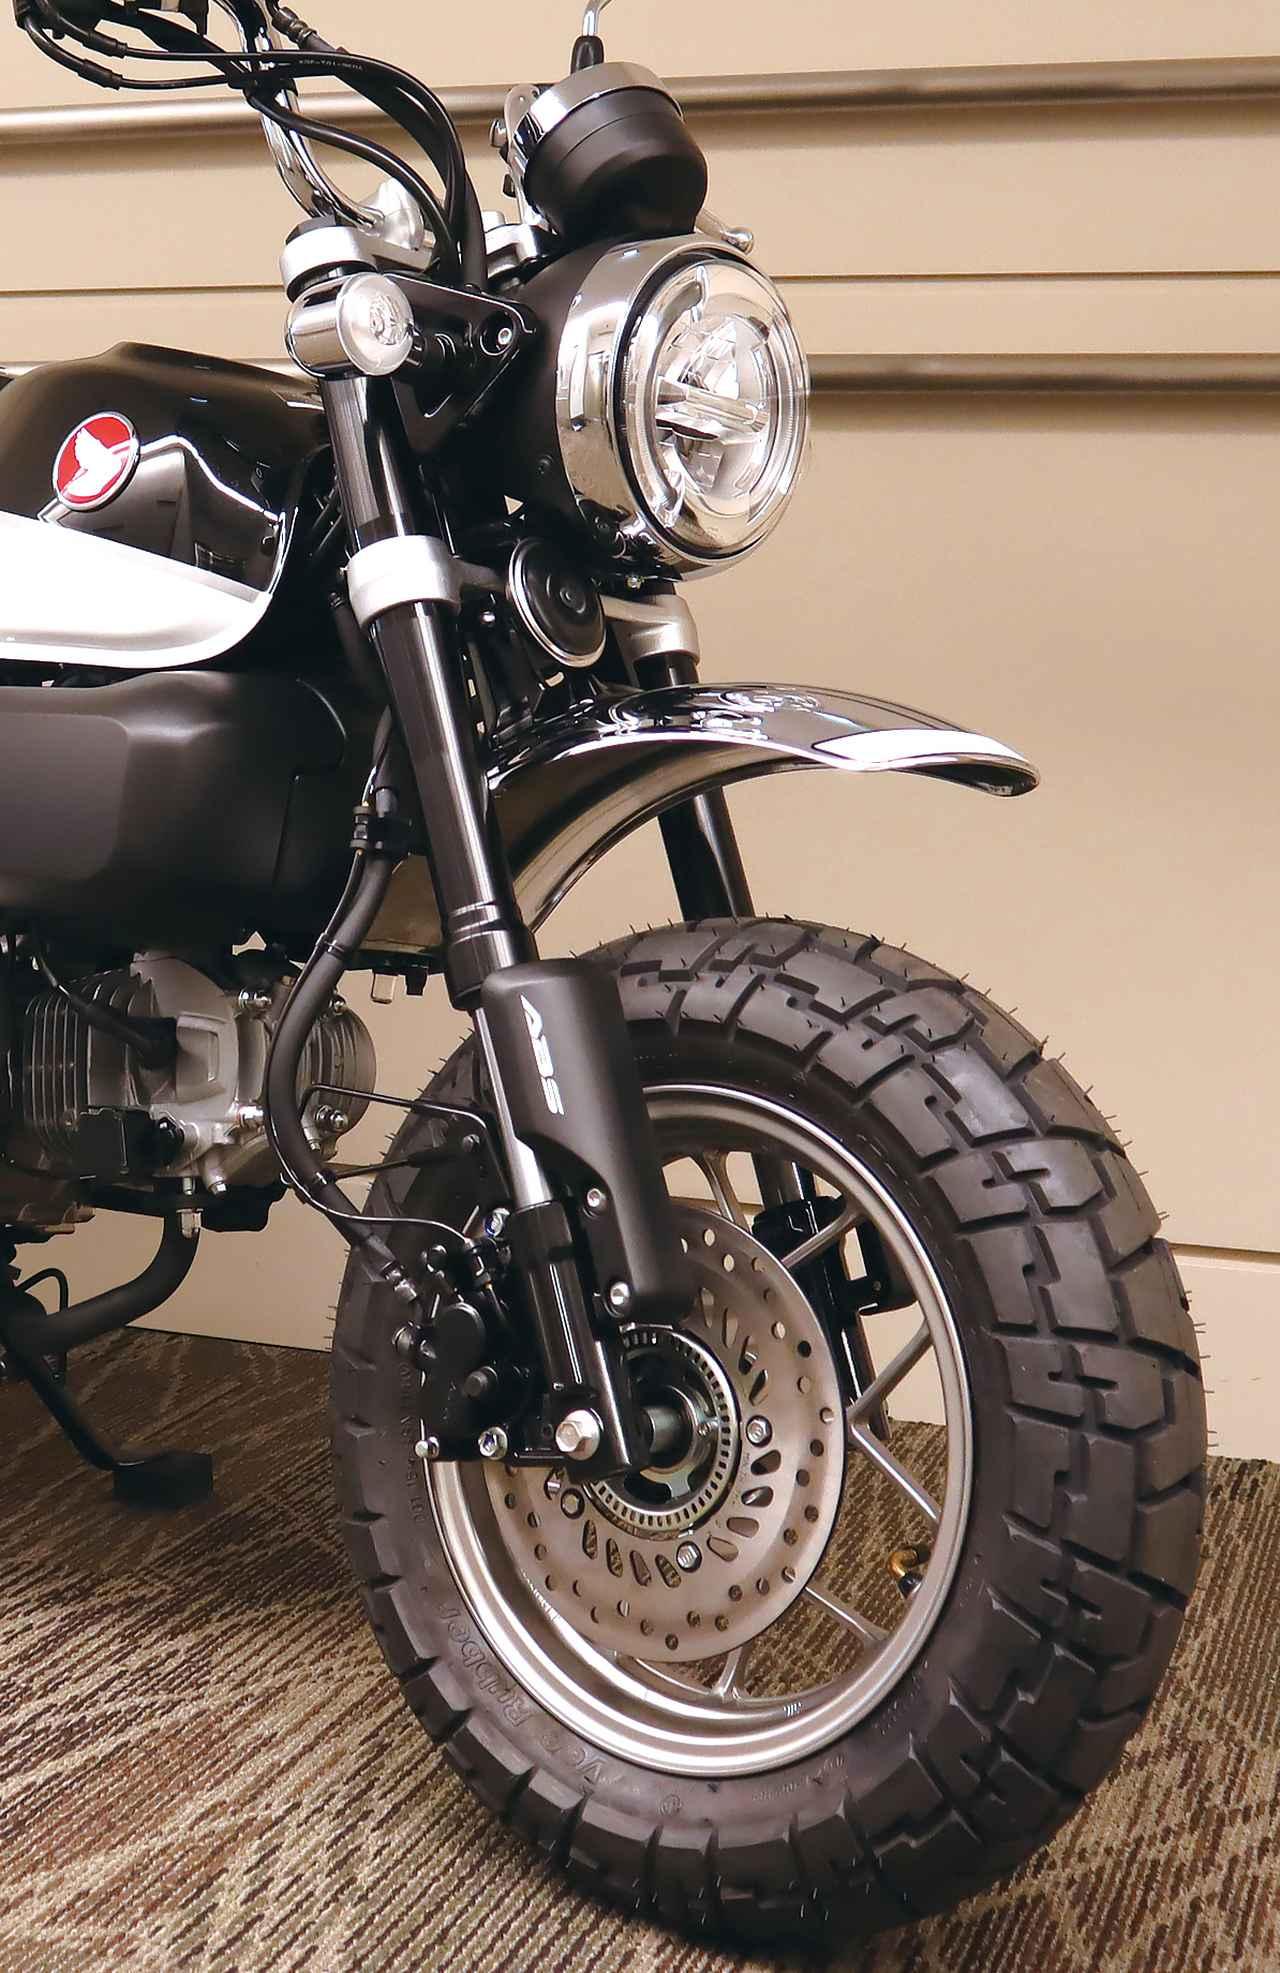 Images : 2番目の画像 - 「モンキー125」ブラック(市販予定車)2020年ニューカラーの写真をもっと見る - LAWRENCE - Motorcycle x Cars + α = Your Life.